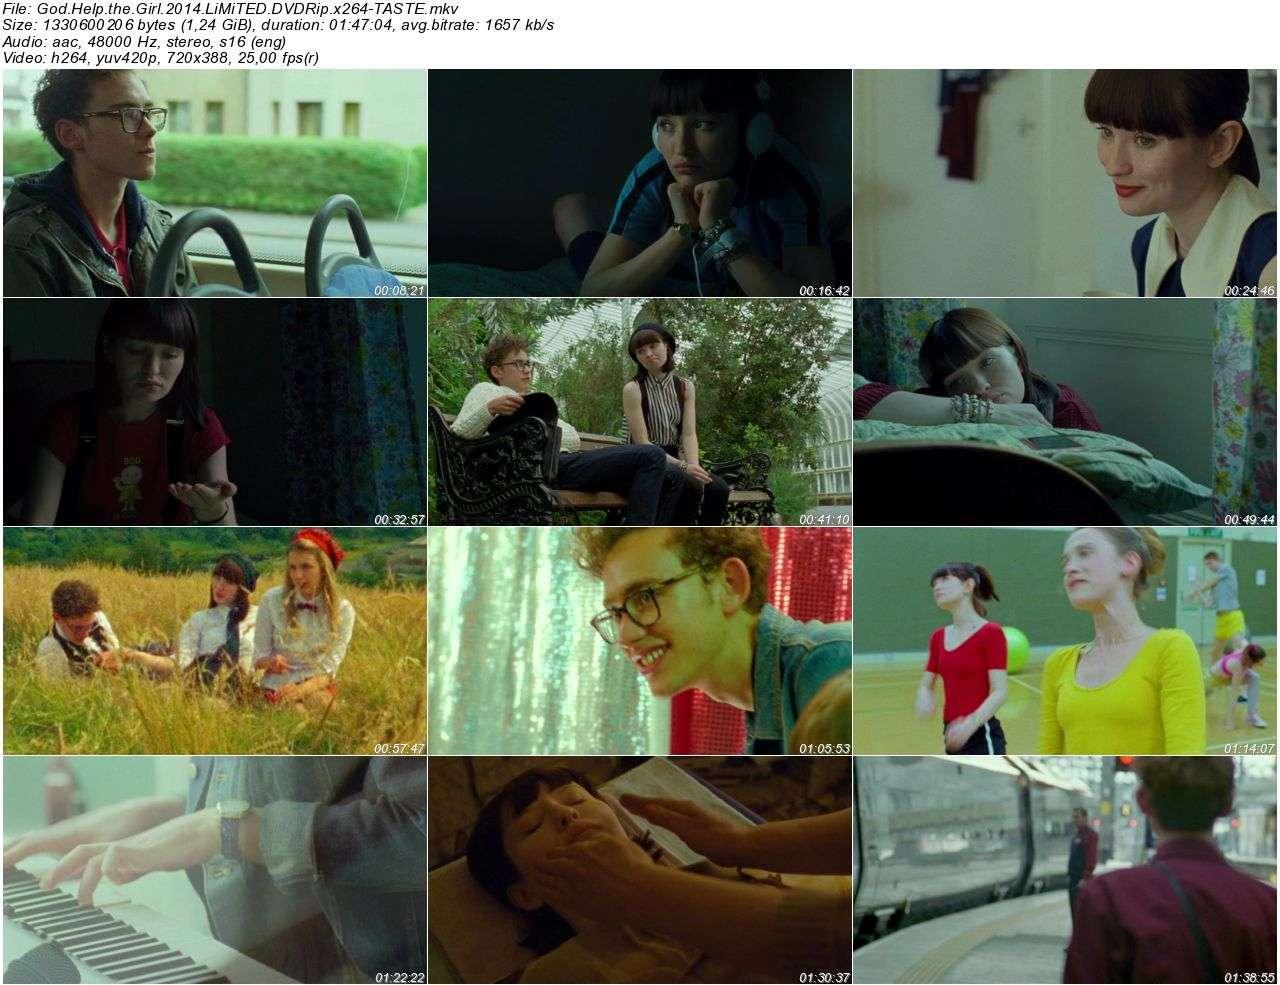 God Help the Girl - 2014 DVDRip x264 - Türkçe Altyazılı Tek Link indir